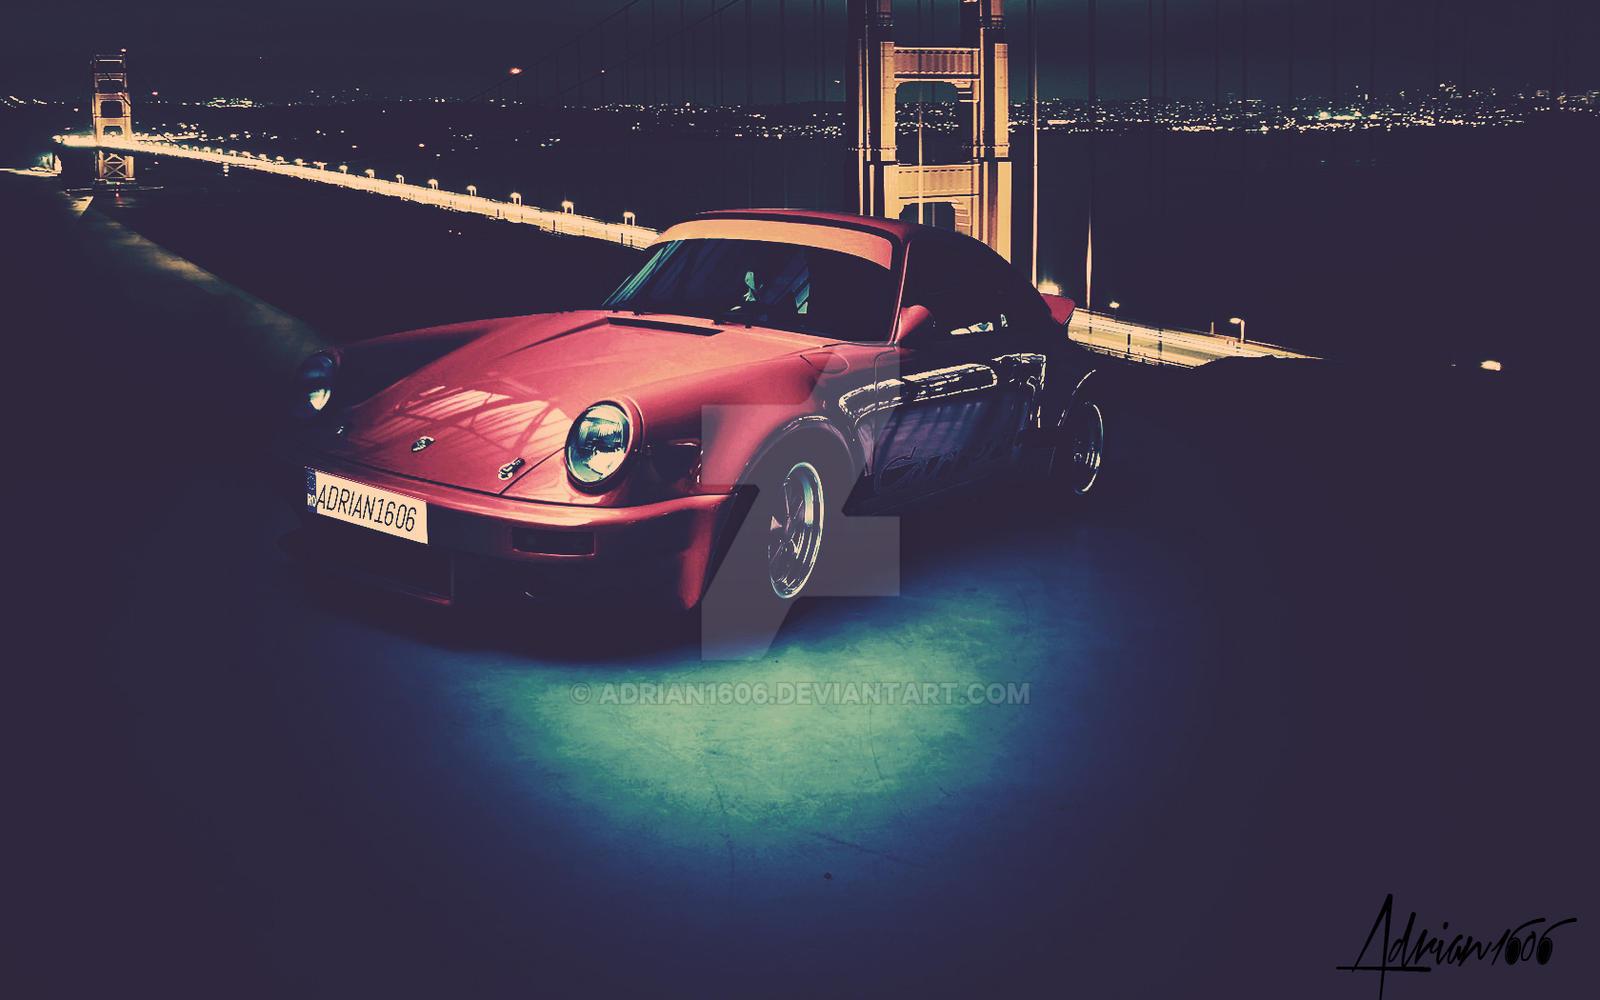 Car by Adrian1606 by Adrian1606